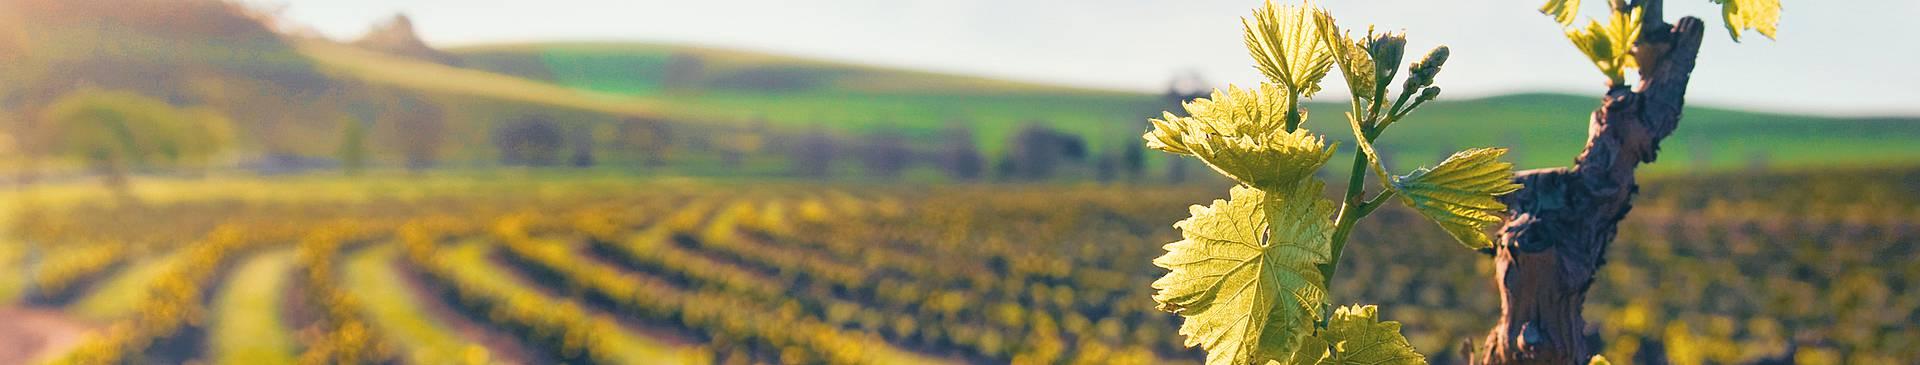 Australia food and wine